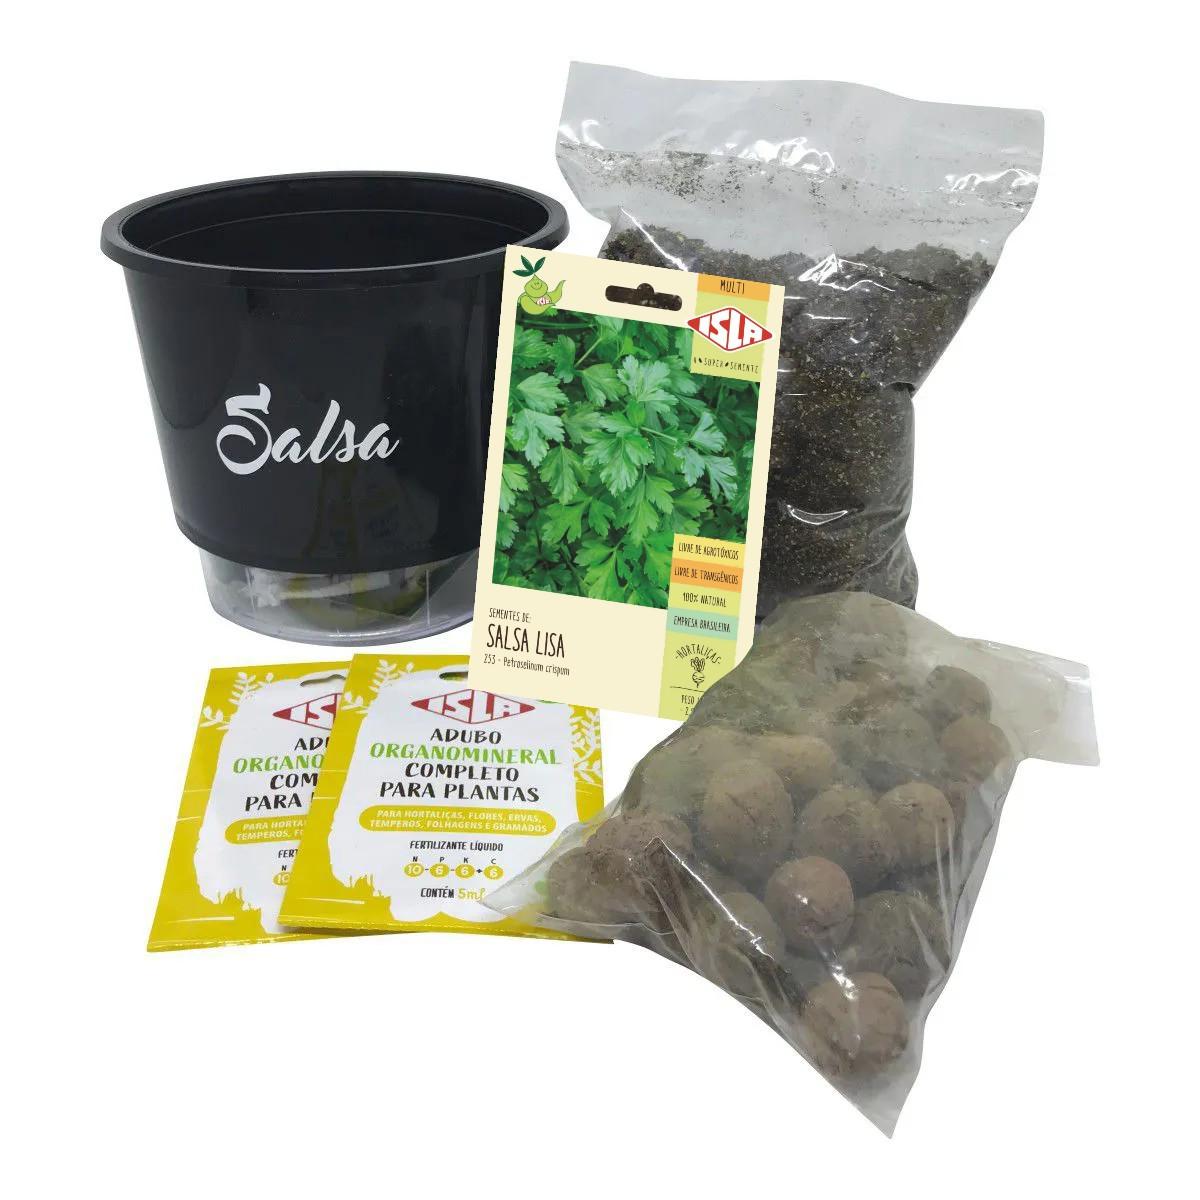 Kit Completo Inicial Preto: Meu Primeiro Plantio de Salsa + Manual de plantio